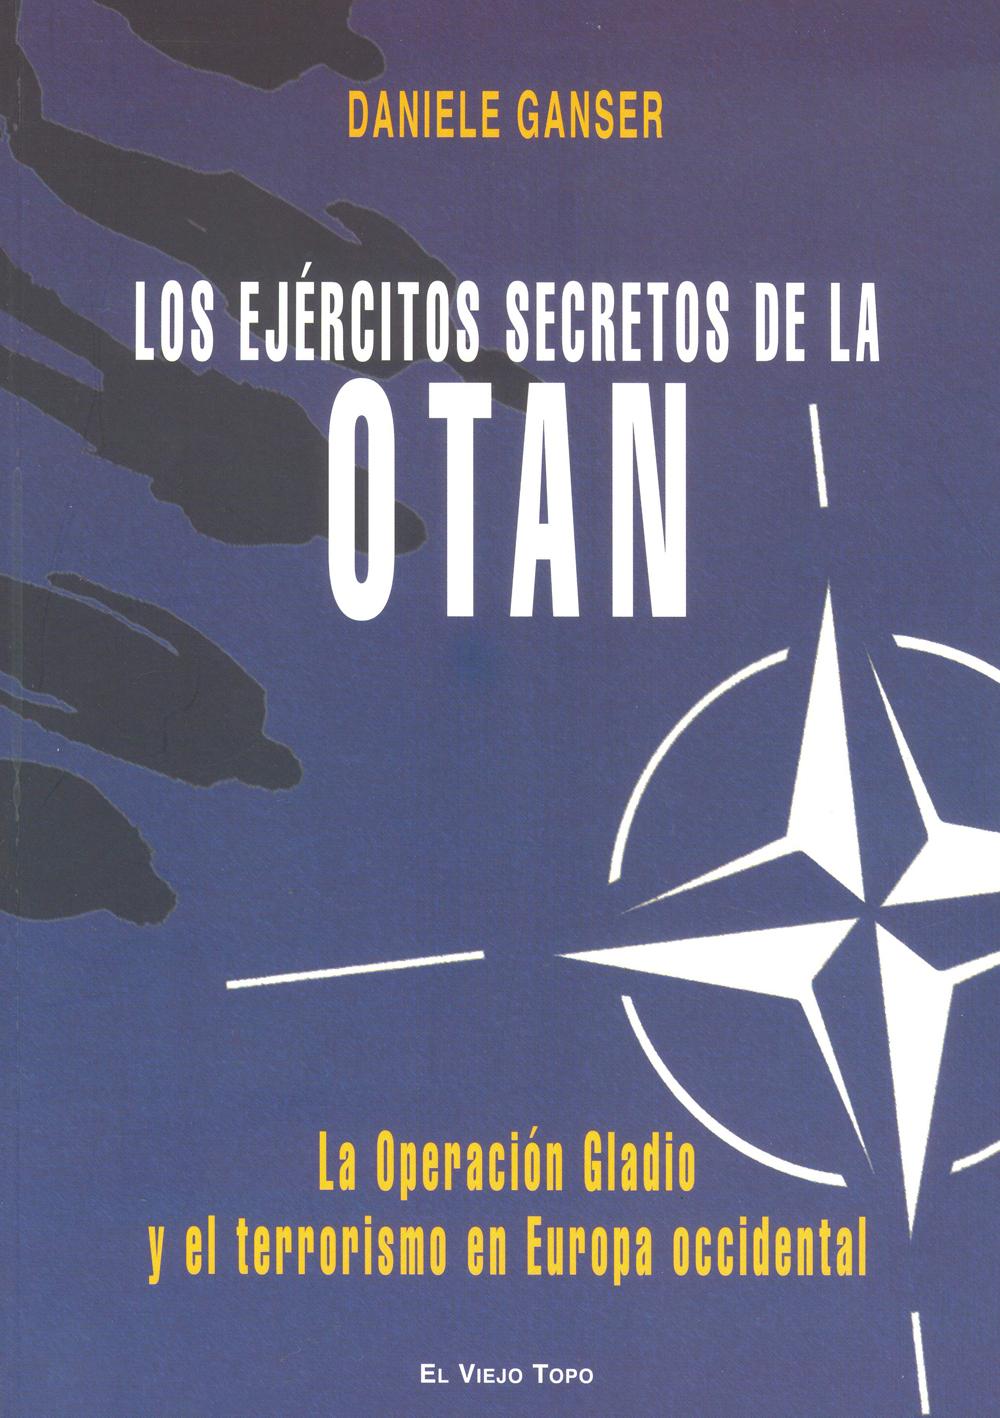 LOS EJÉRCITOS SECRETOS DE LA OTAN. LA OPERACIÓN GLADIO Y EL TERRORISMO EN EUROPA - DANIELE GANSER